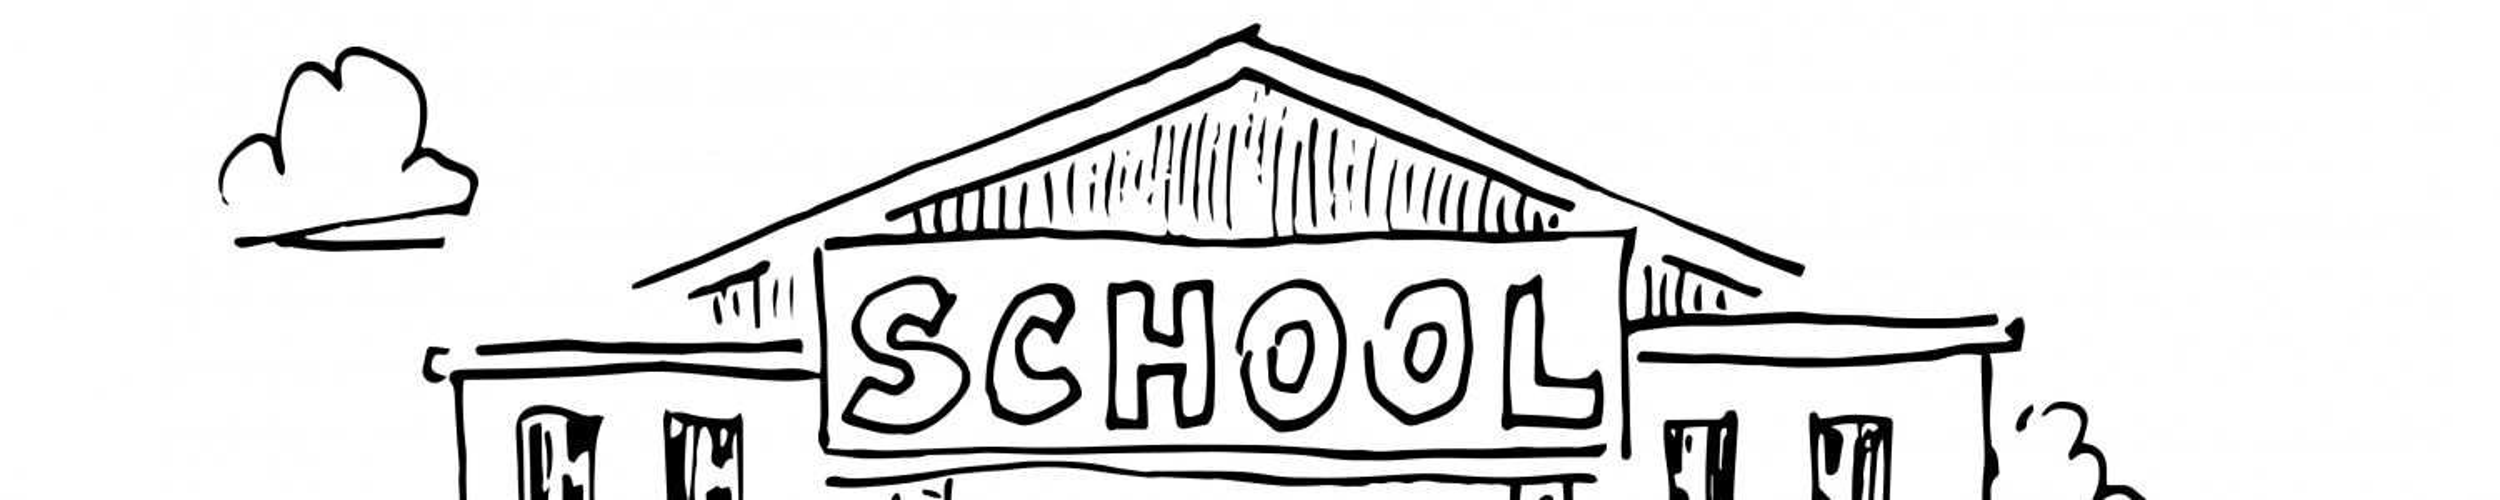 Nieuw schoolgebouw